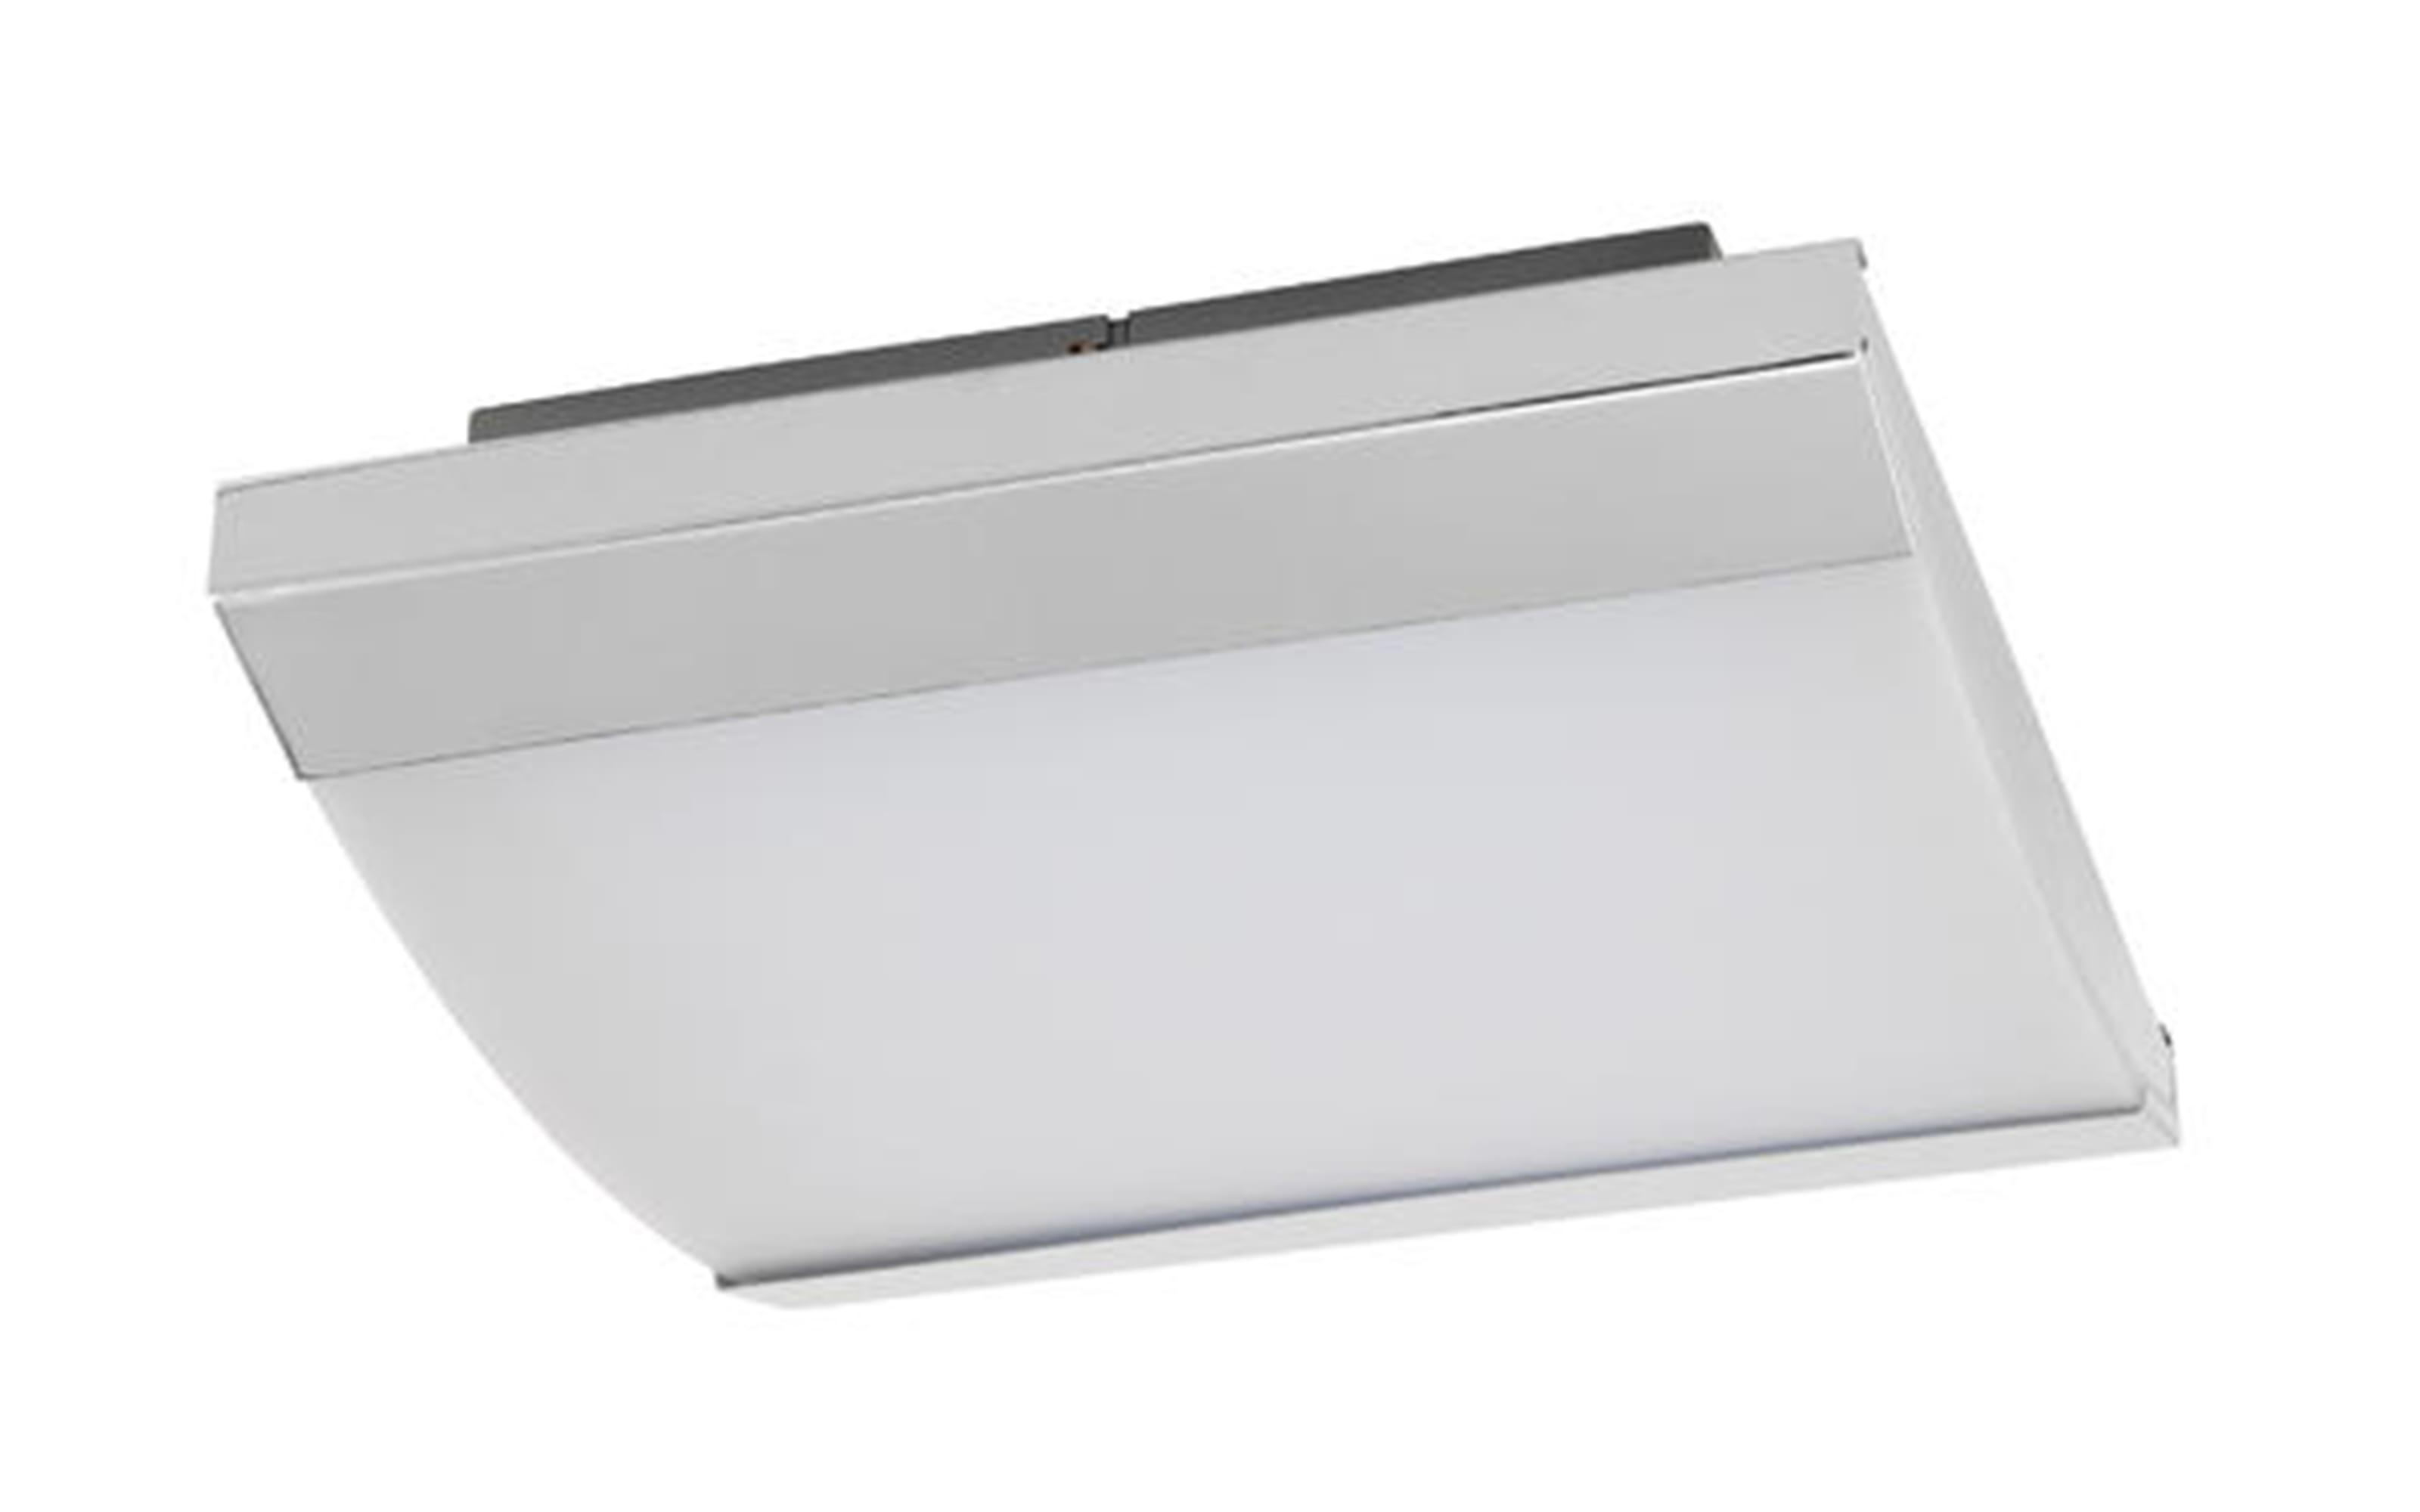 LED-Spiegelleuchte Siderno in chromfarbig, 34,5 x 35 cm